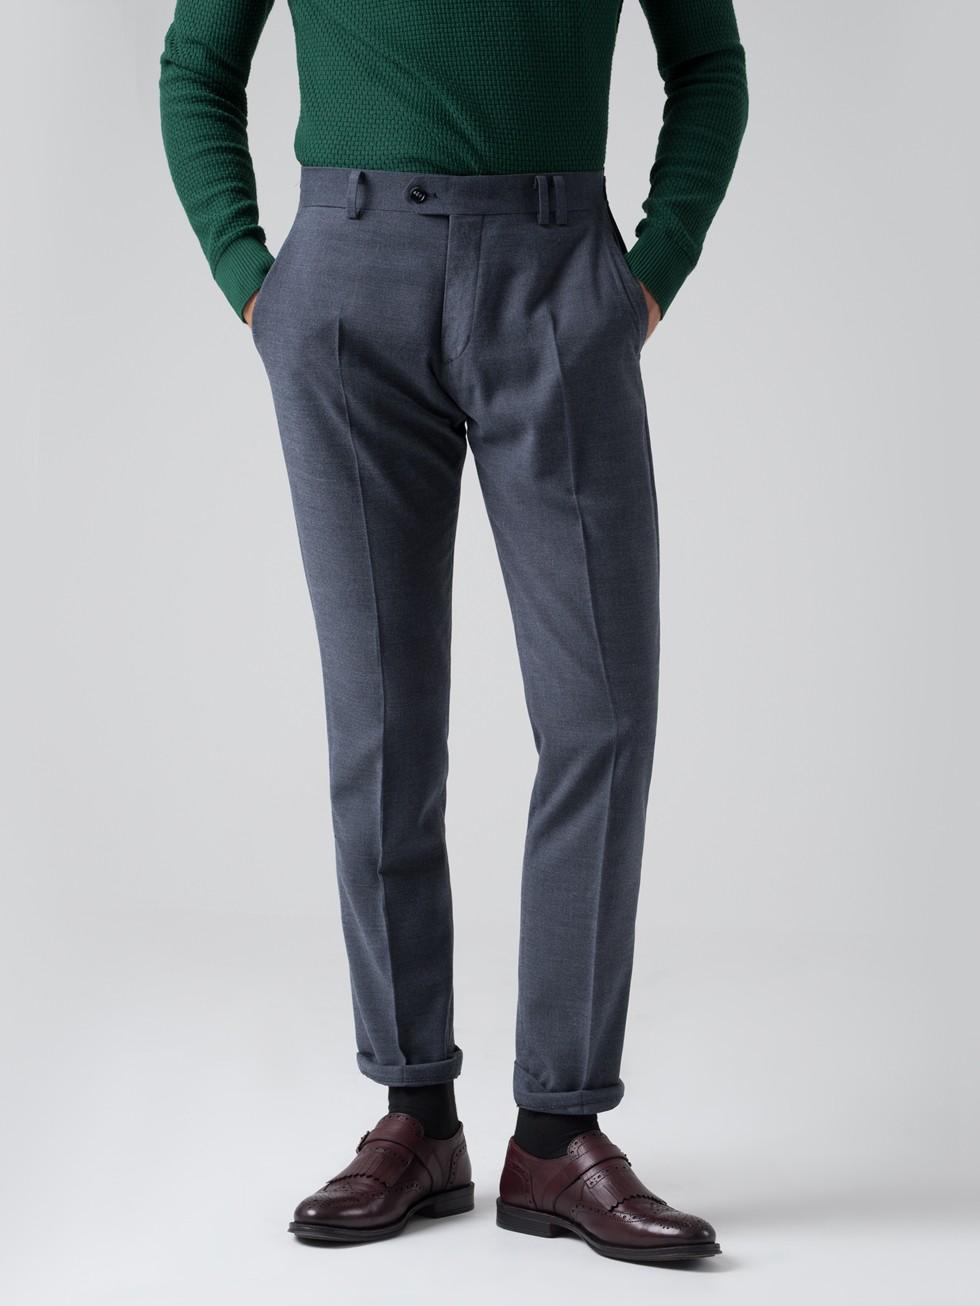 Pantalón tailored melton gris azulado